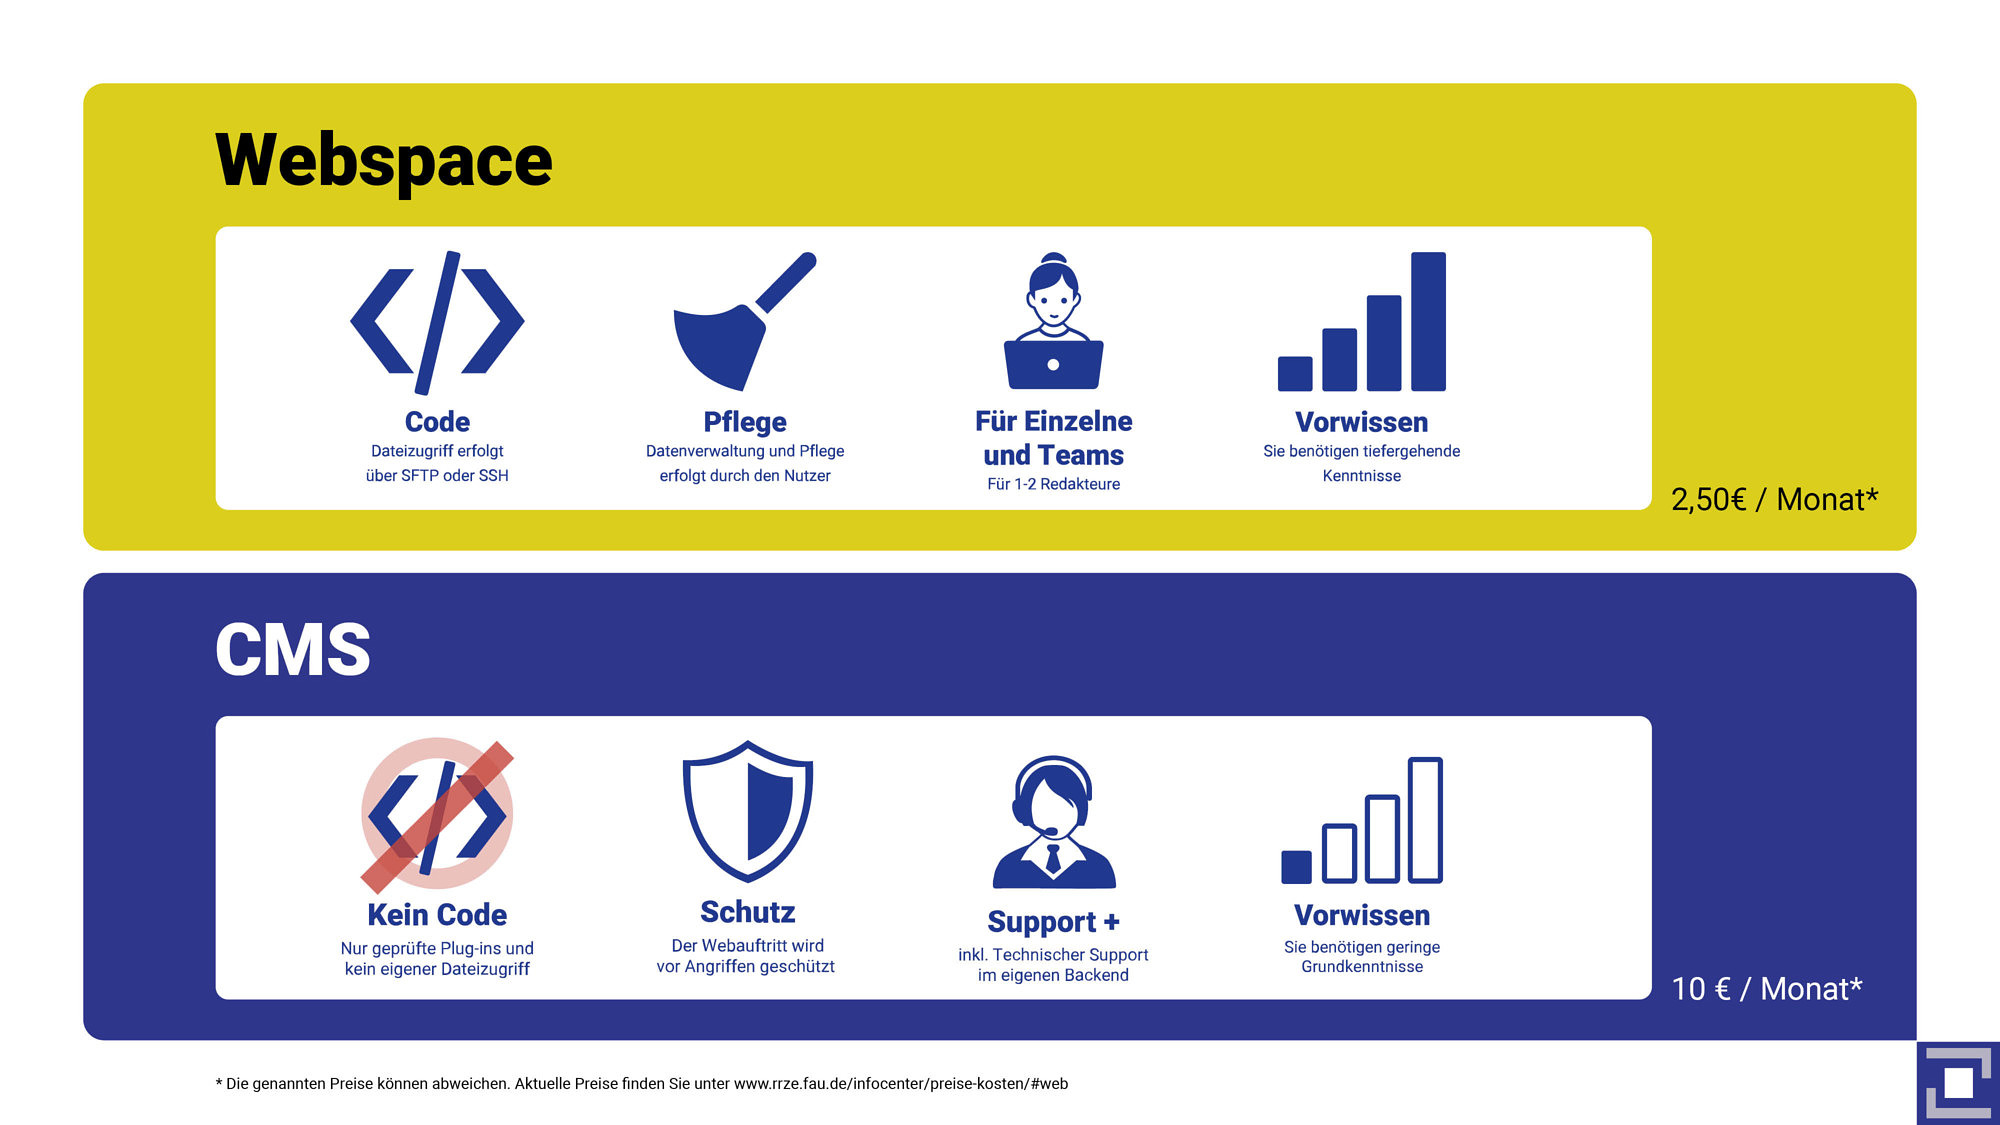 Vergleich CMS und Webspace